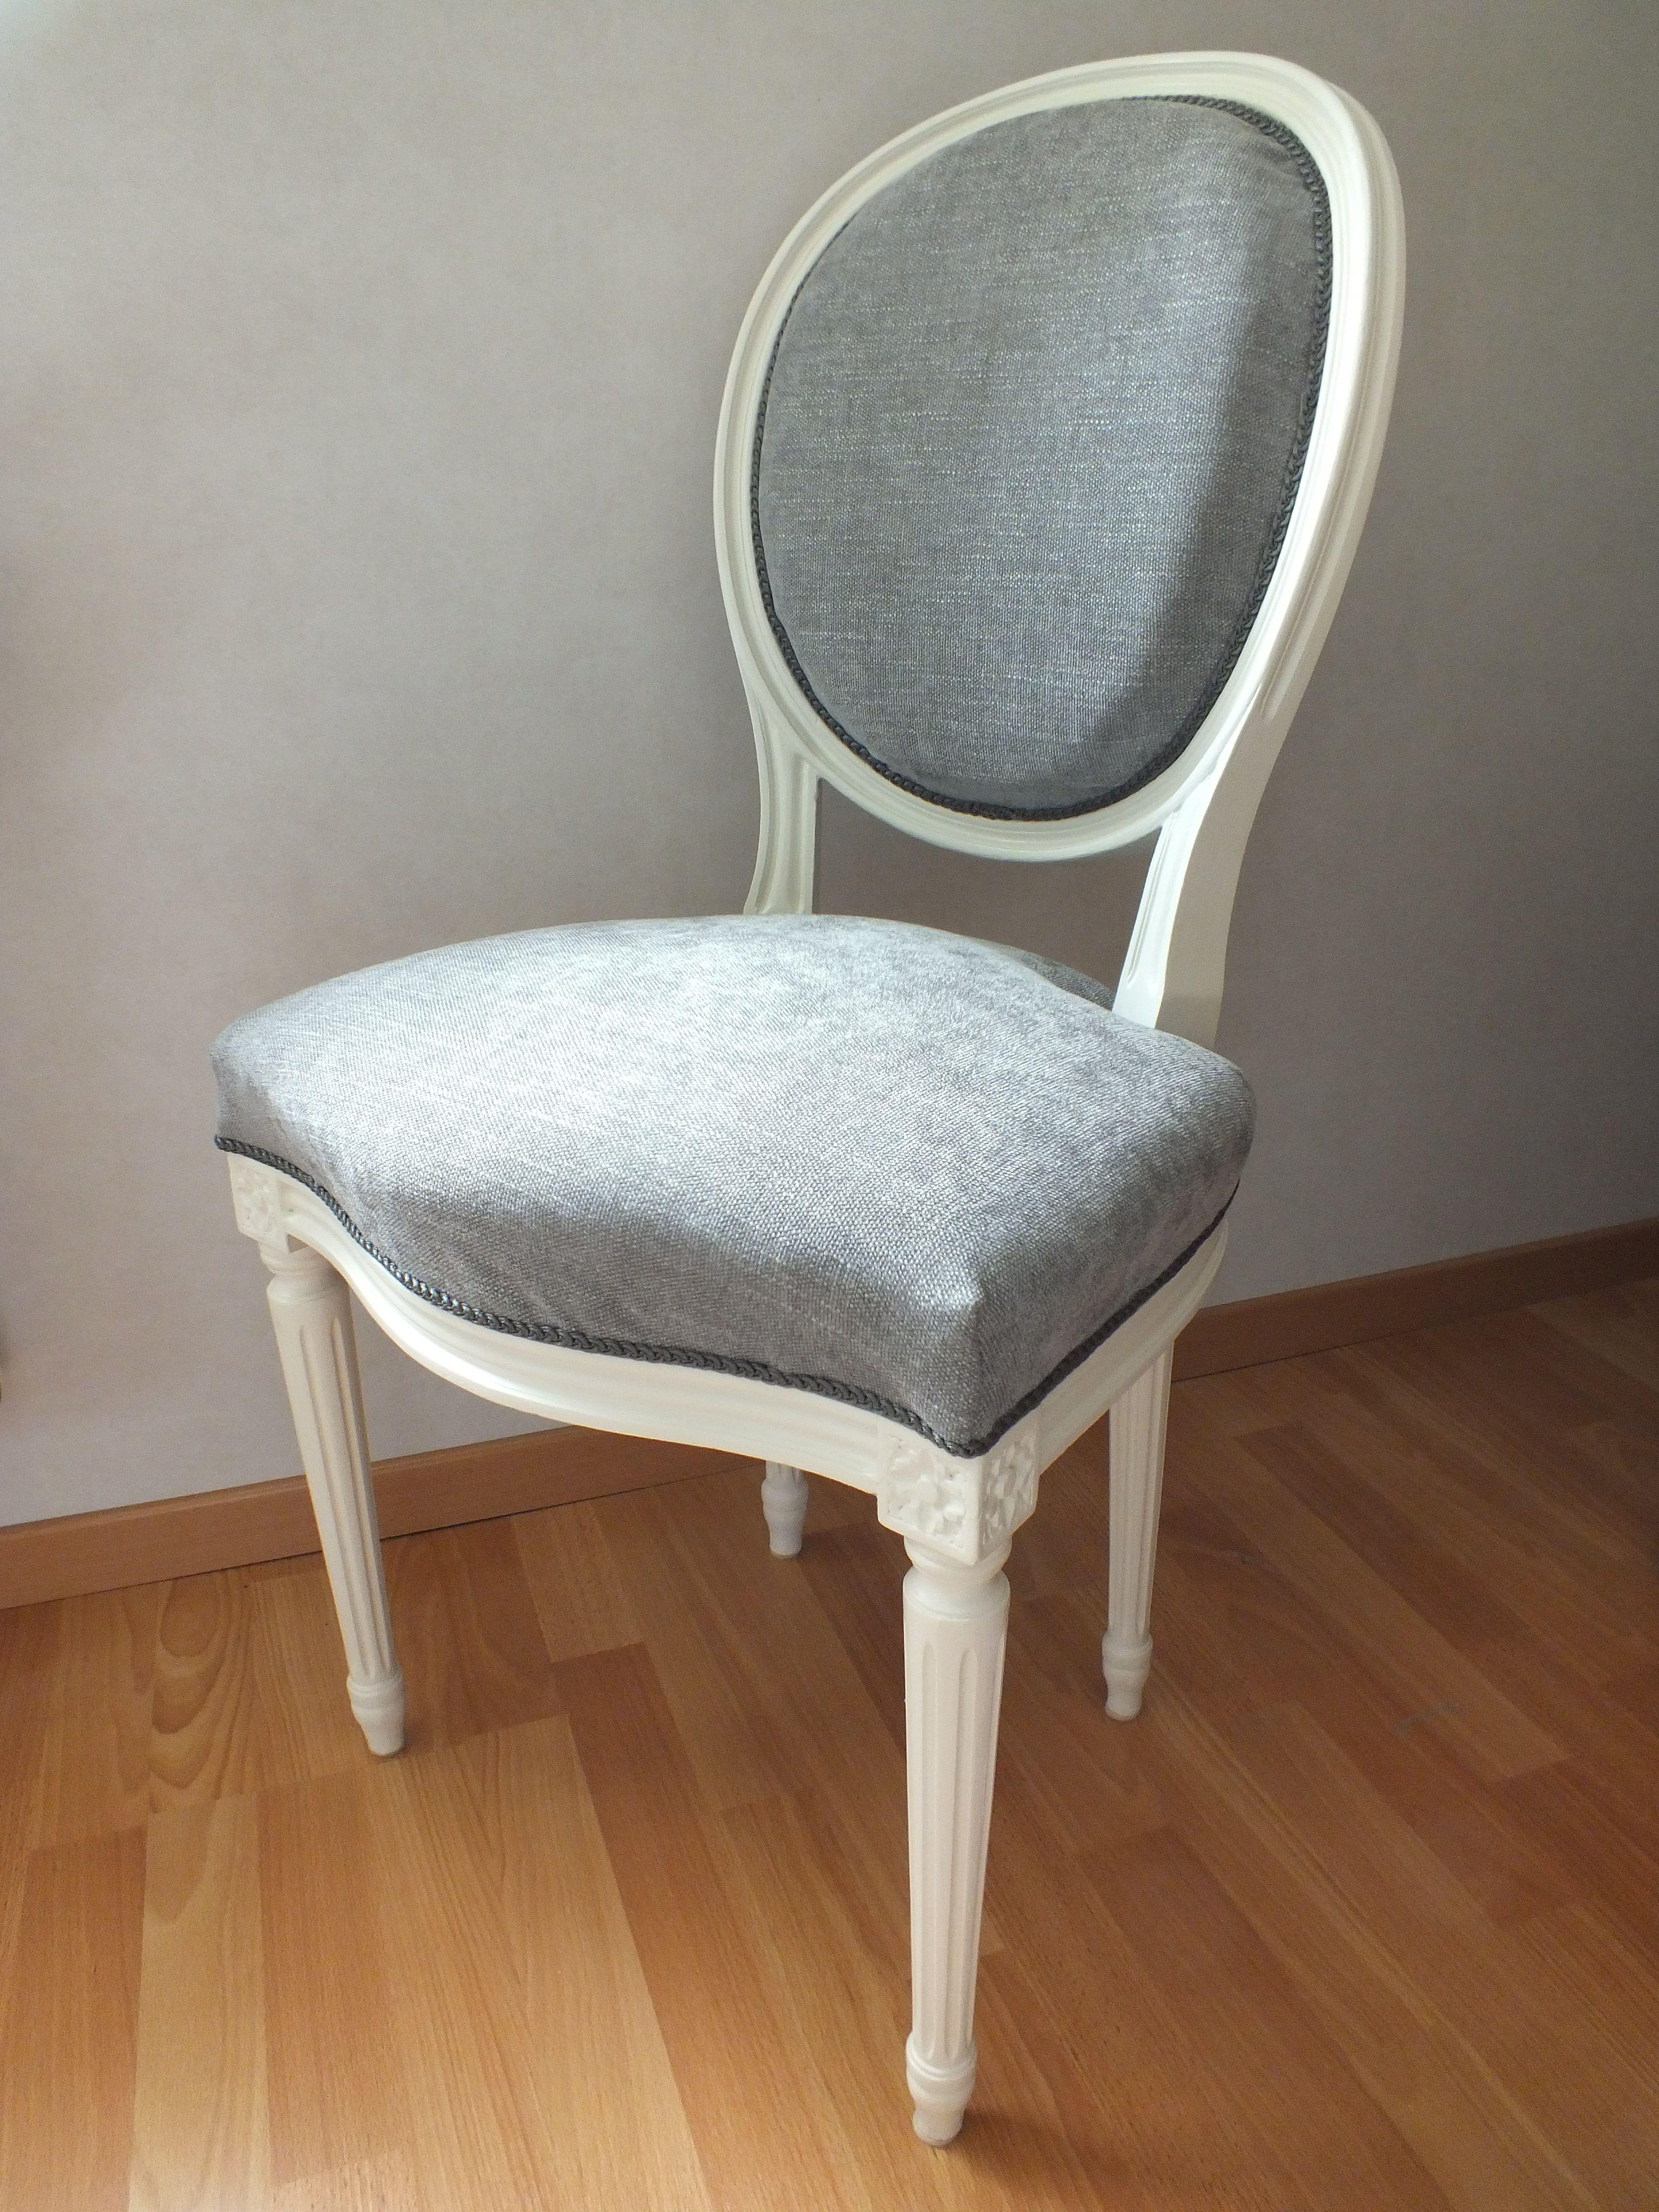 chaise m daillon louis xv patin e en blanc cass et recouverte d 39 un tissu chin gris. Black Bedroom Furniture Sets. Home Design Ideas